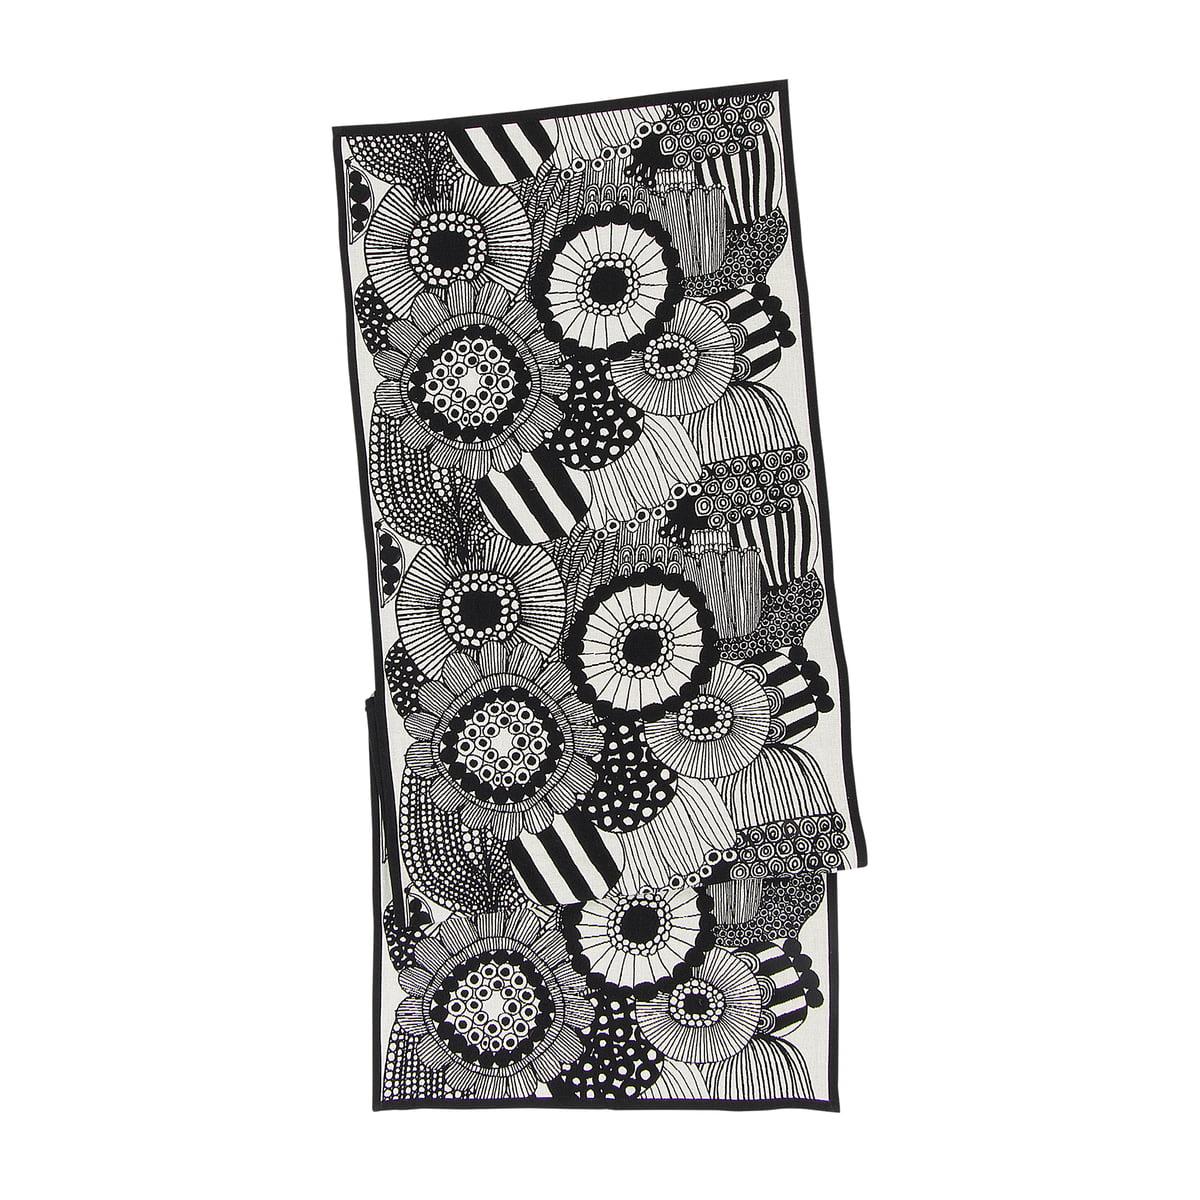 Marimekko - Pieni Siirtolapuutarha Tischläufer 47 x 150 cm| schwarz / weiß (Herbst/Winter 2019) | Heimtextilien > Tischdecken und Co | Marimekko